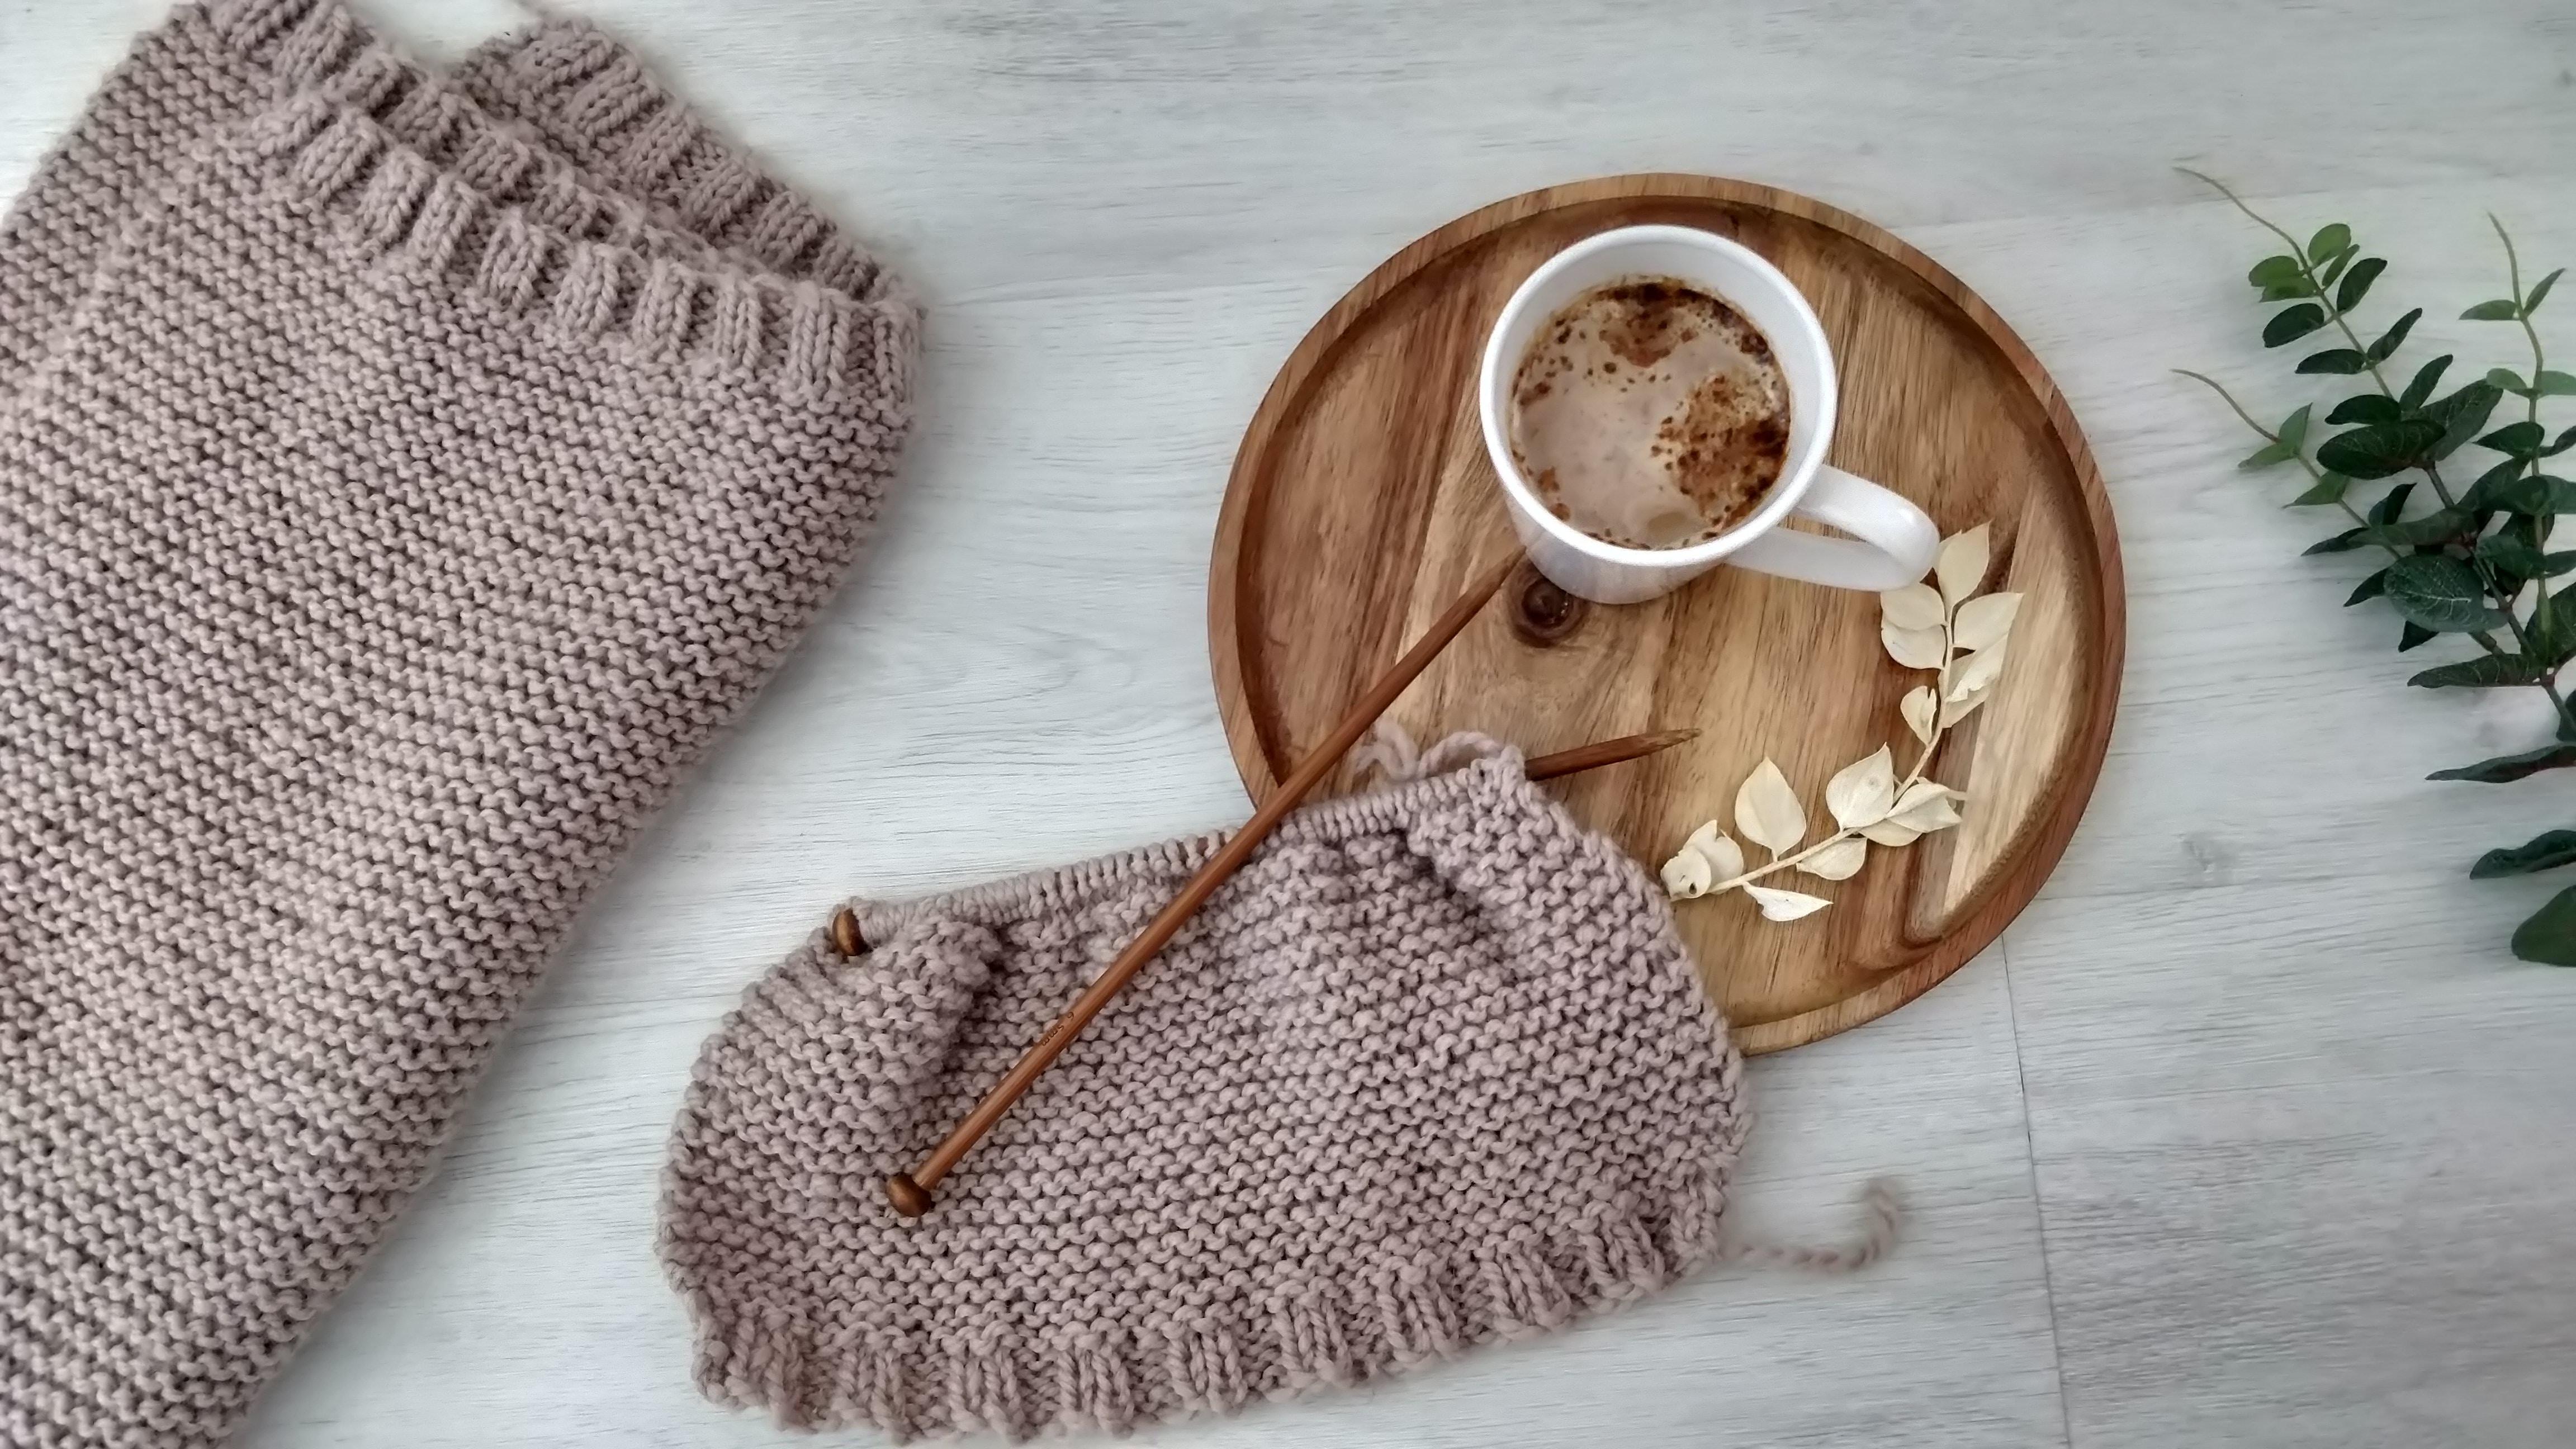 brown knit textile